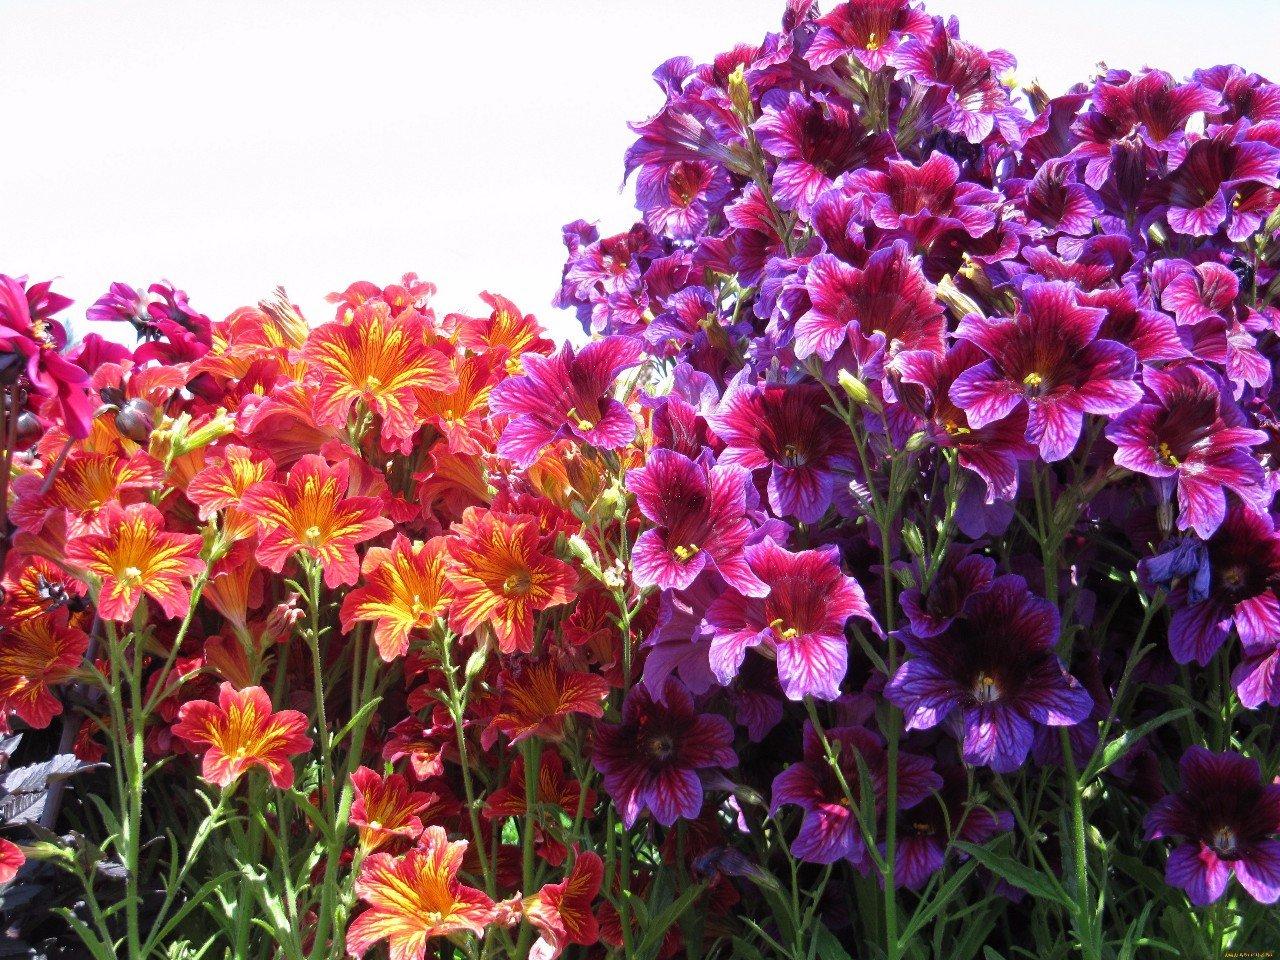 Незаслуженно забытые растения: Cальпиглоссис